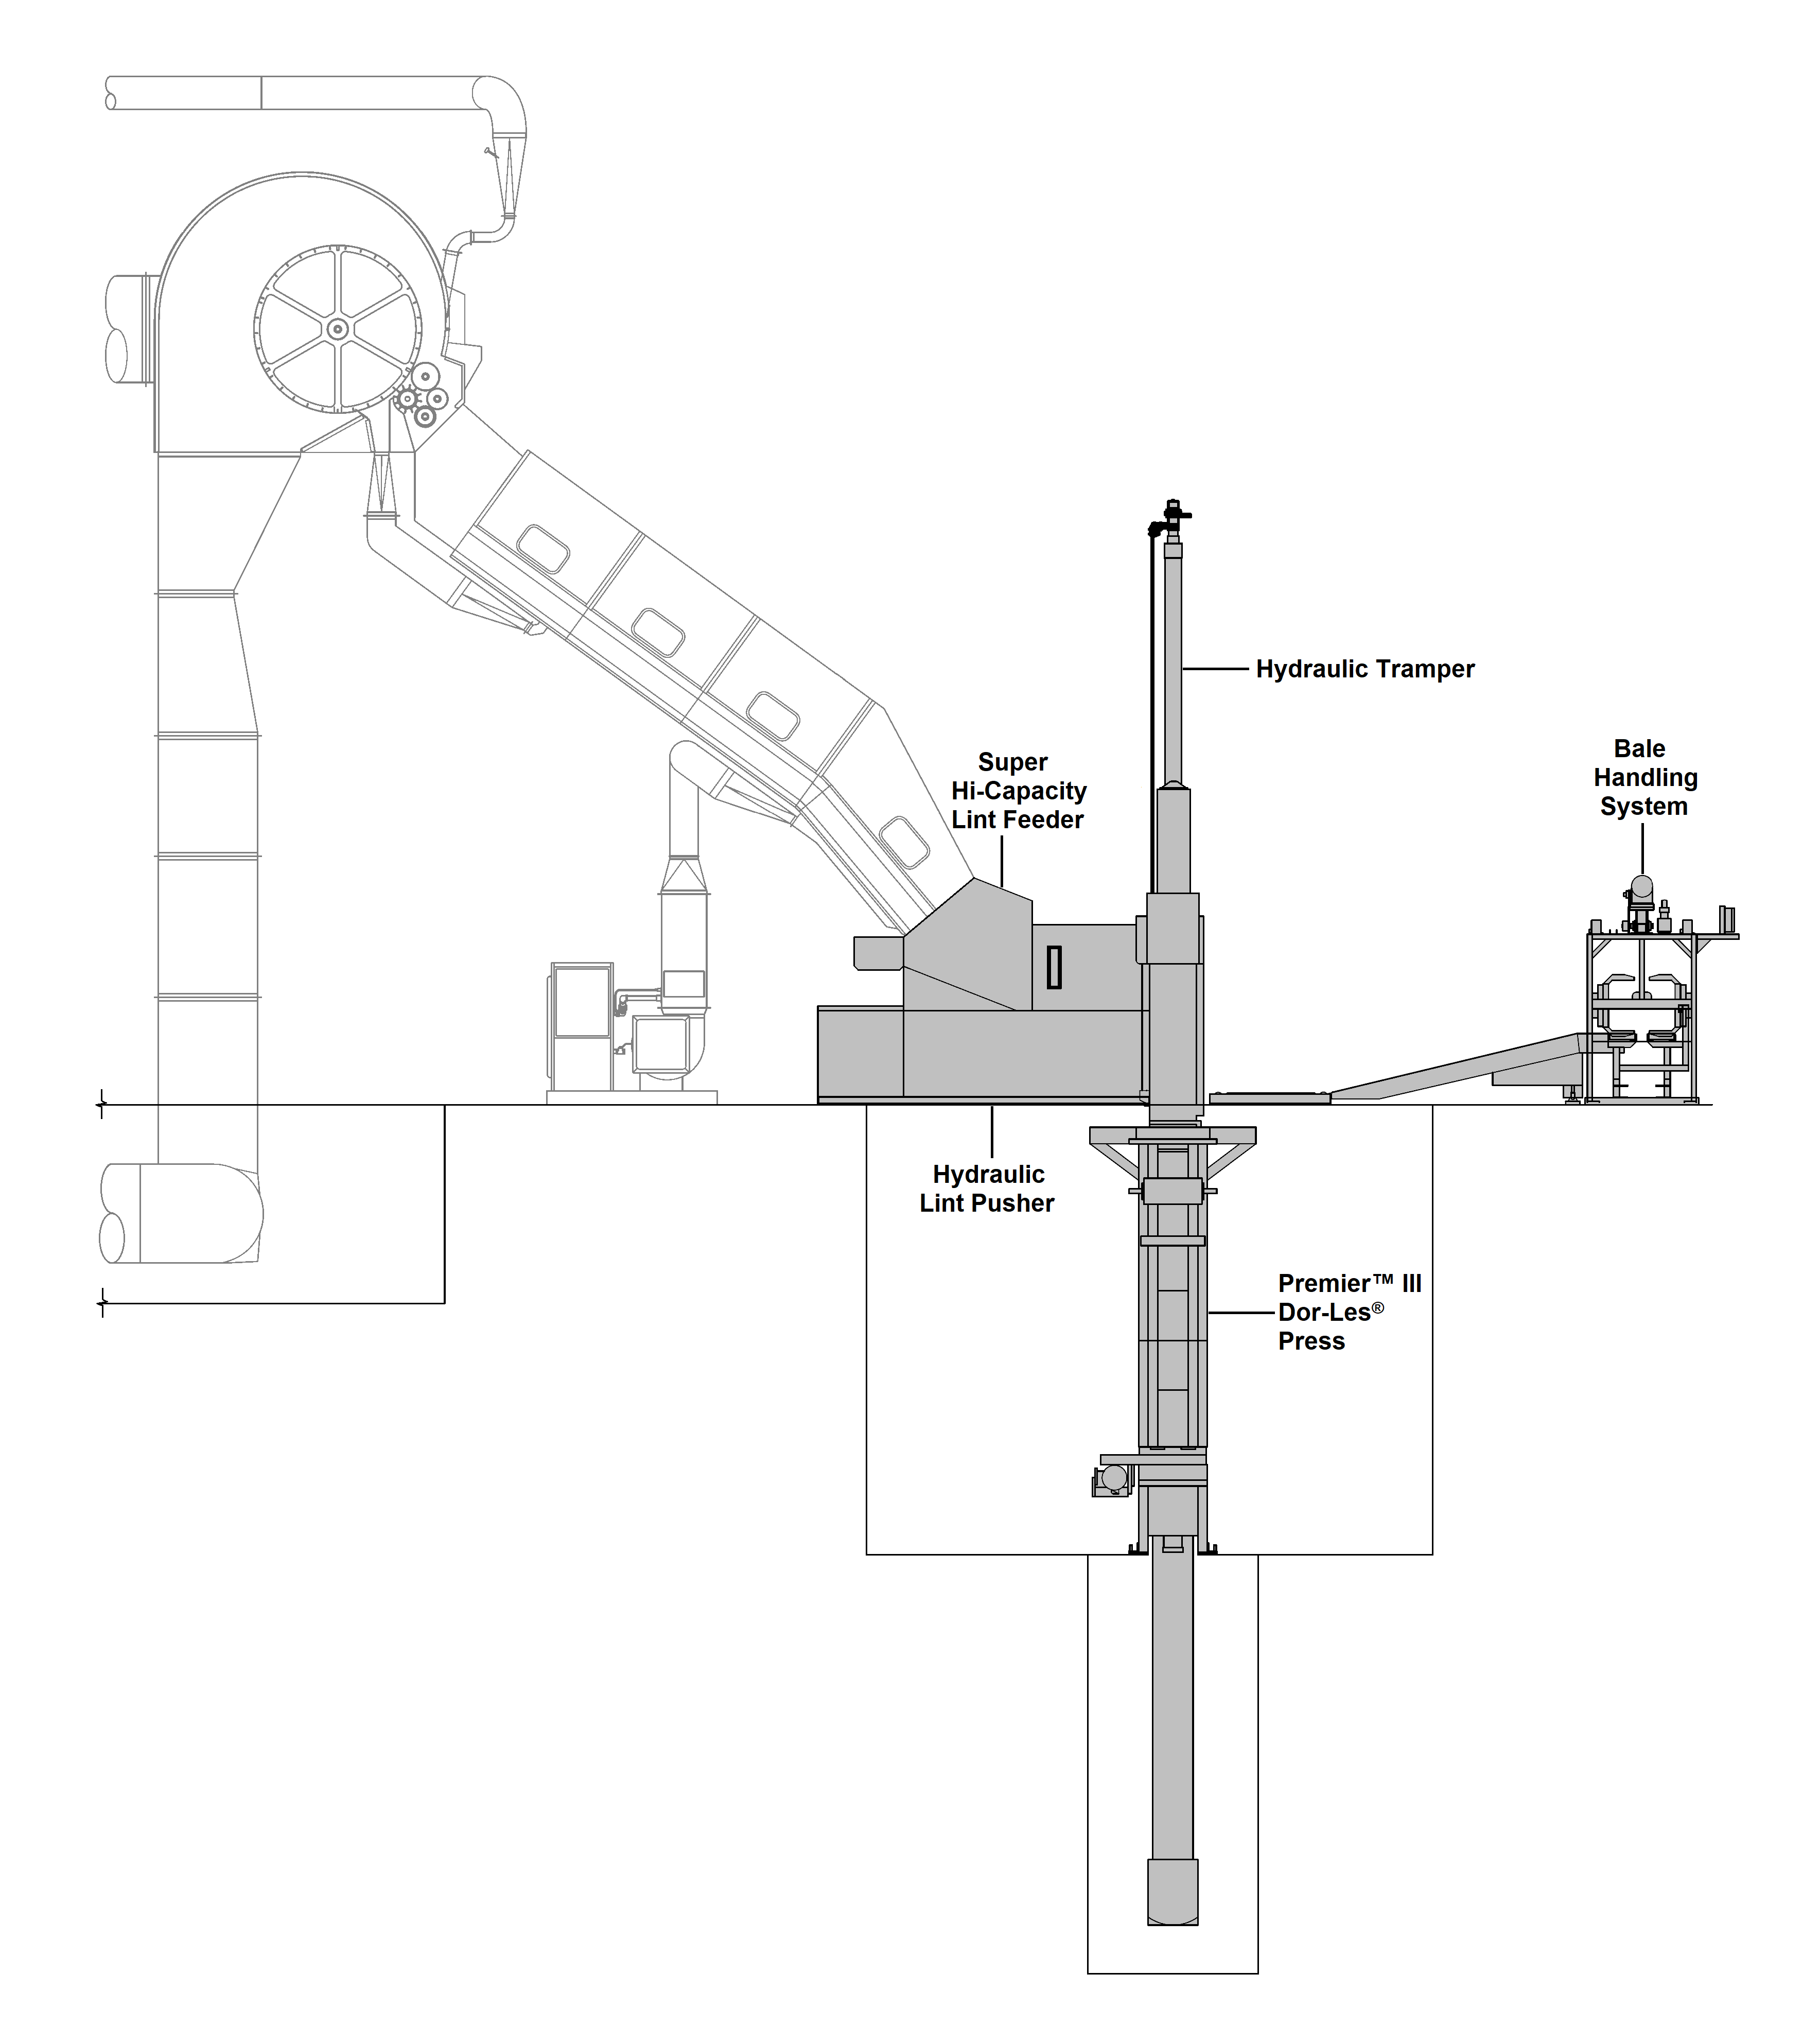 Pressing & Bale Handling System (Premier)